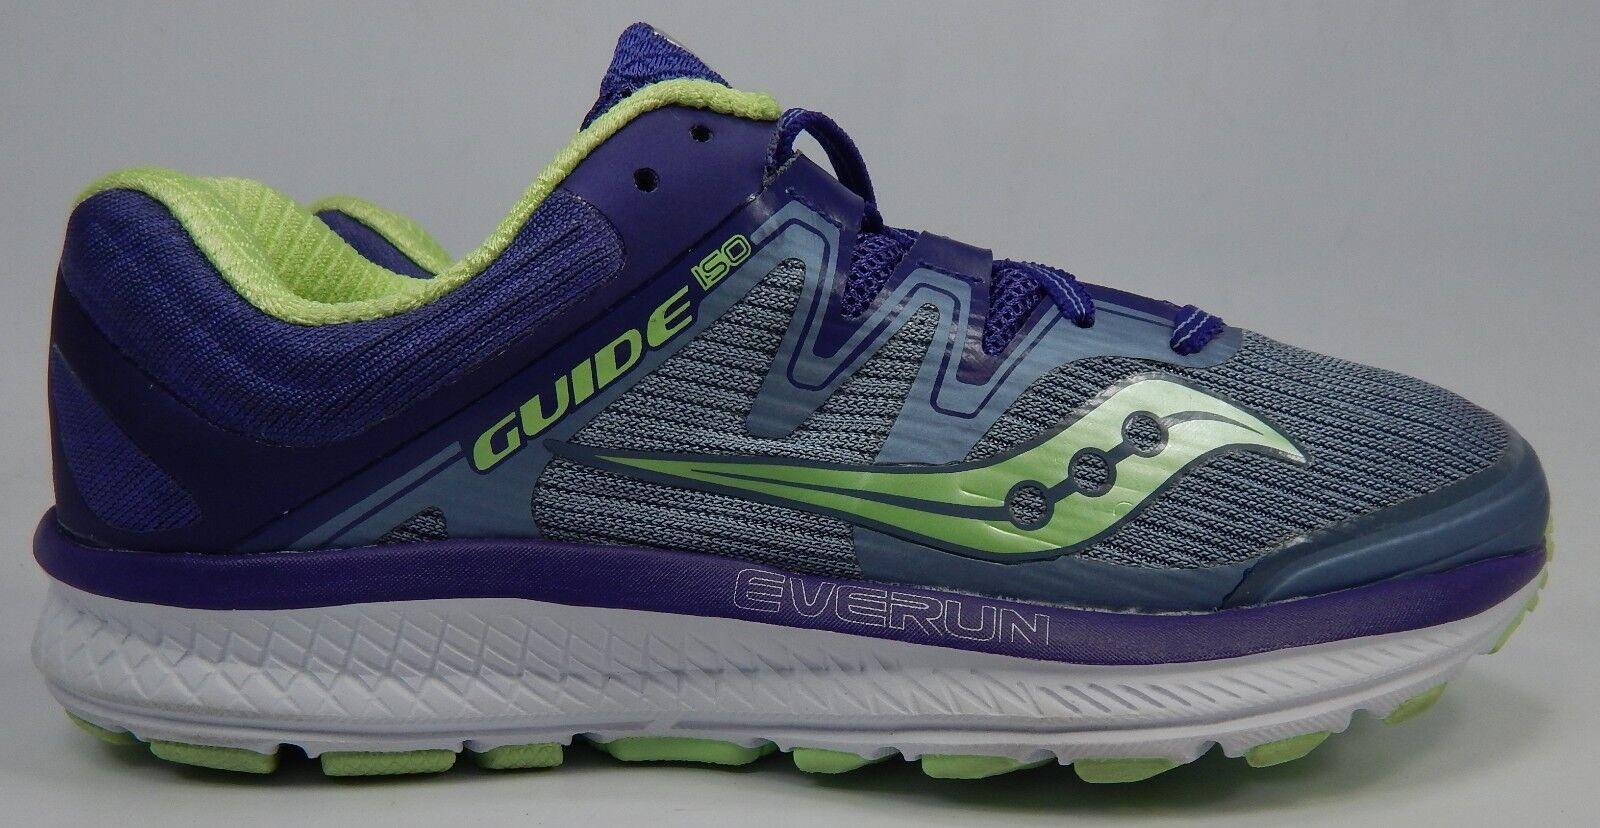 Saucony Guide ISO Tamaño Tamaño Tamaño  7.5 M (B) de la UE  38.5 Para Mujer Zapatos Para Correr Púrpura S10415-1  genuina alta calidad